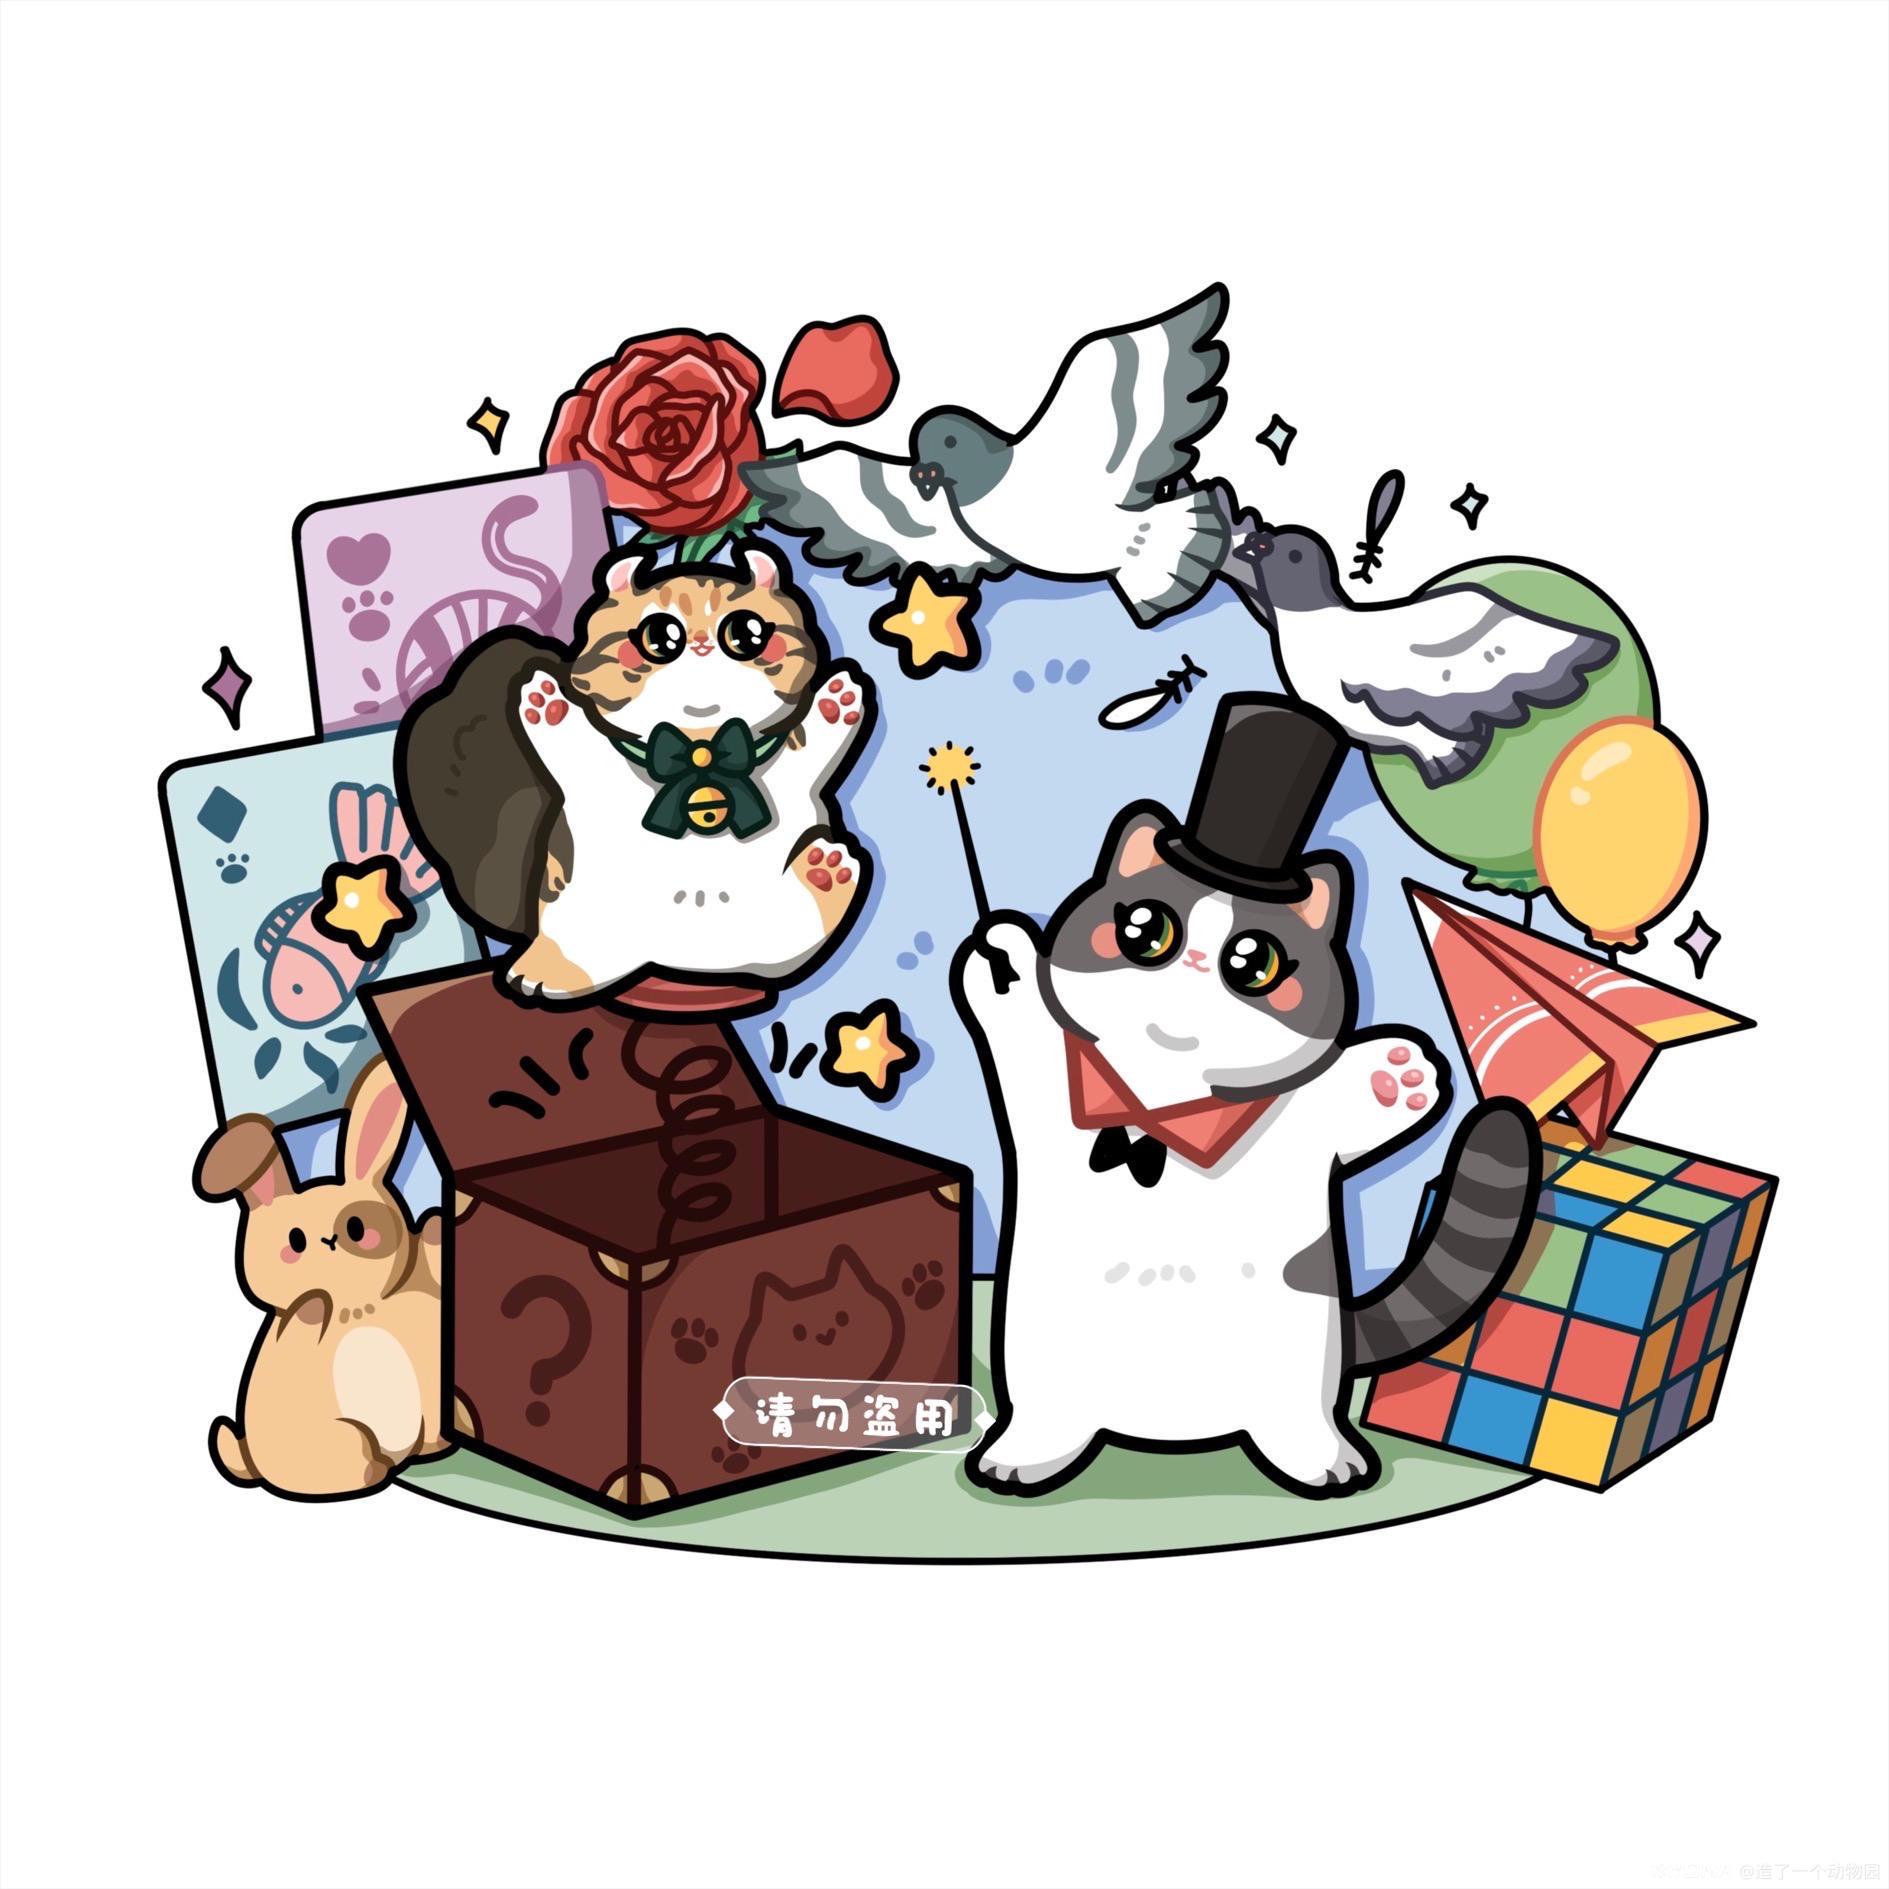 手绘猫猫头像 图2